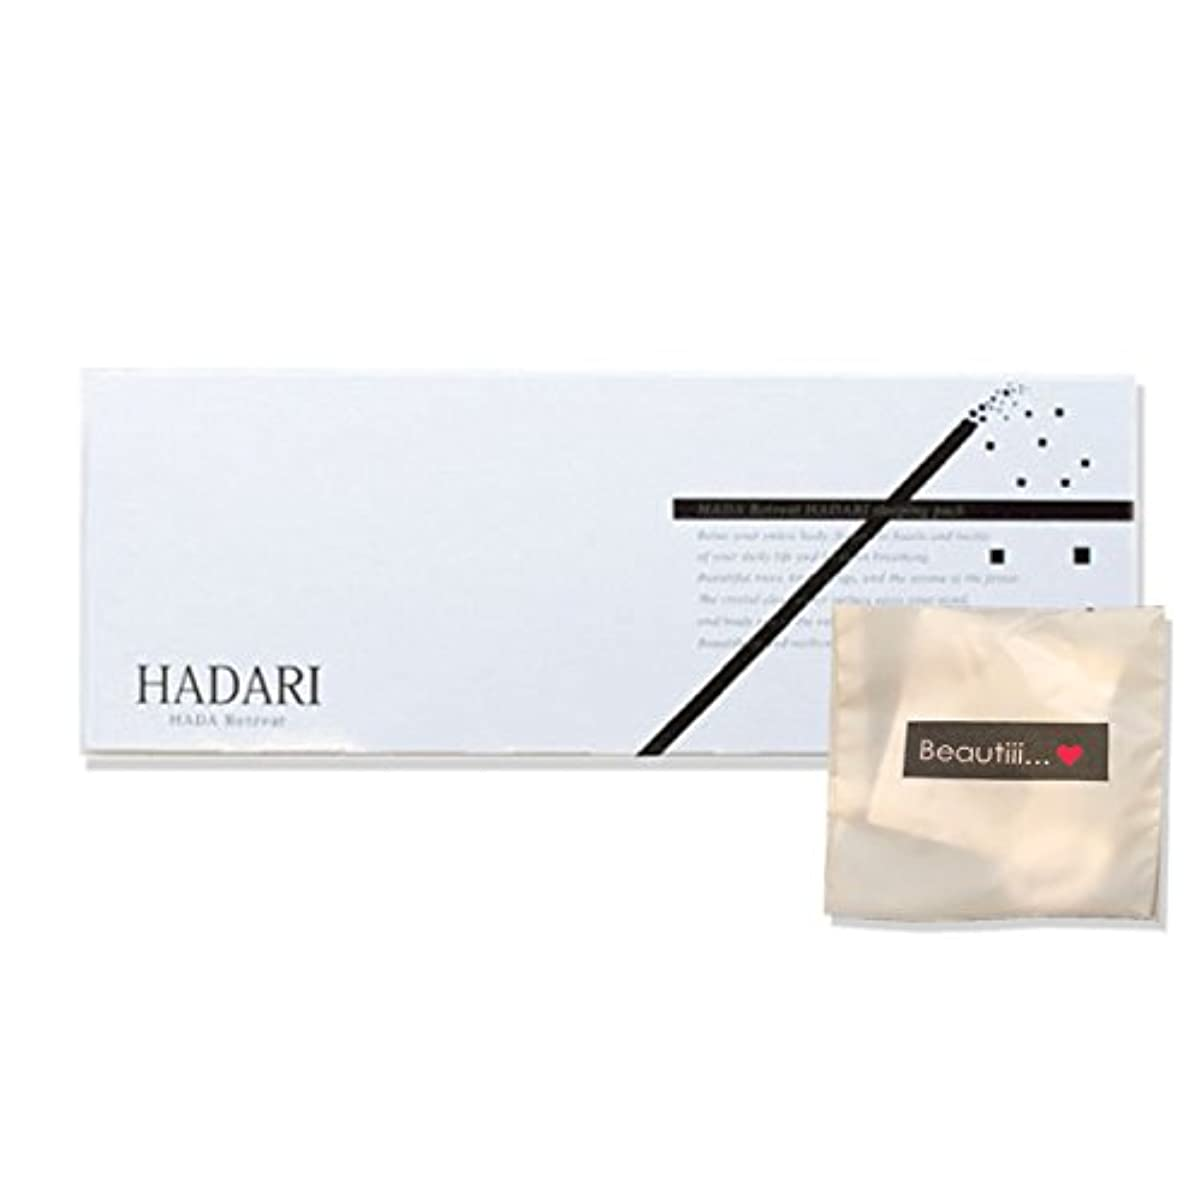 用量フィードバック変位HADARI はだり 高級オールインワンパッククリーム 1箱 SNSで話題 大人気!!